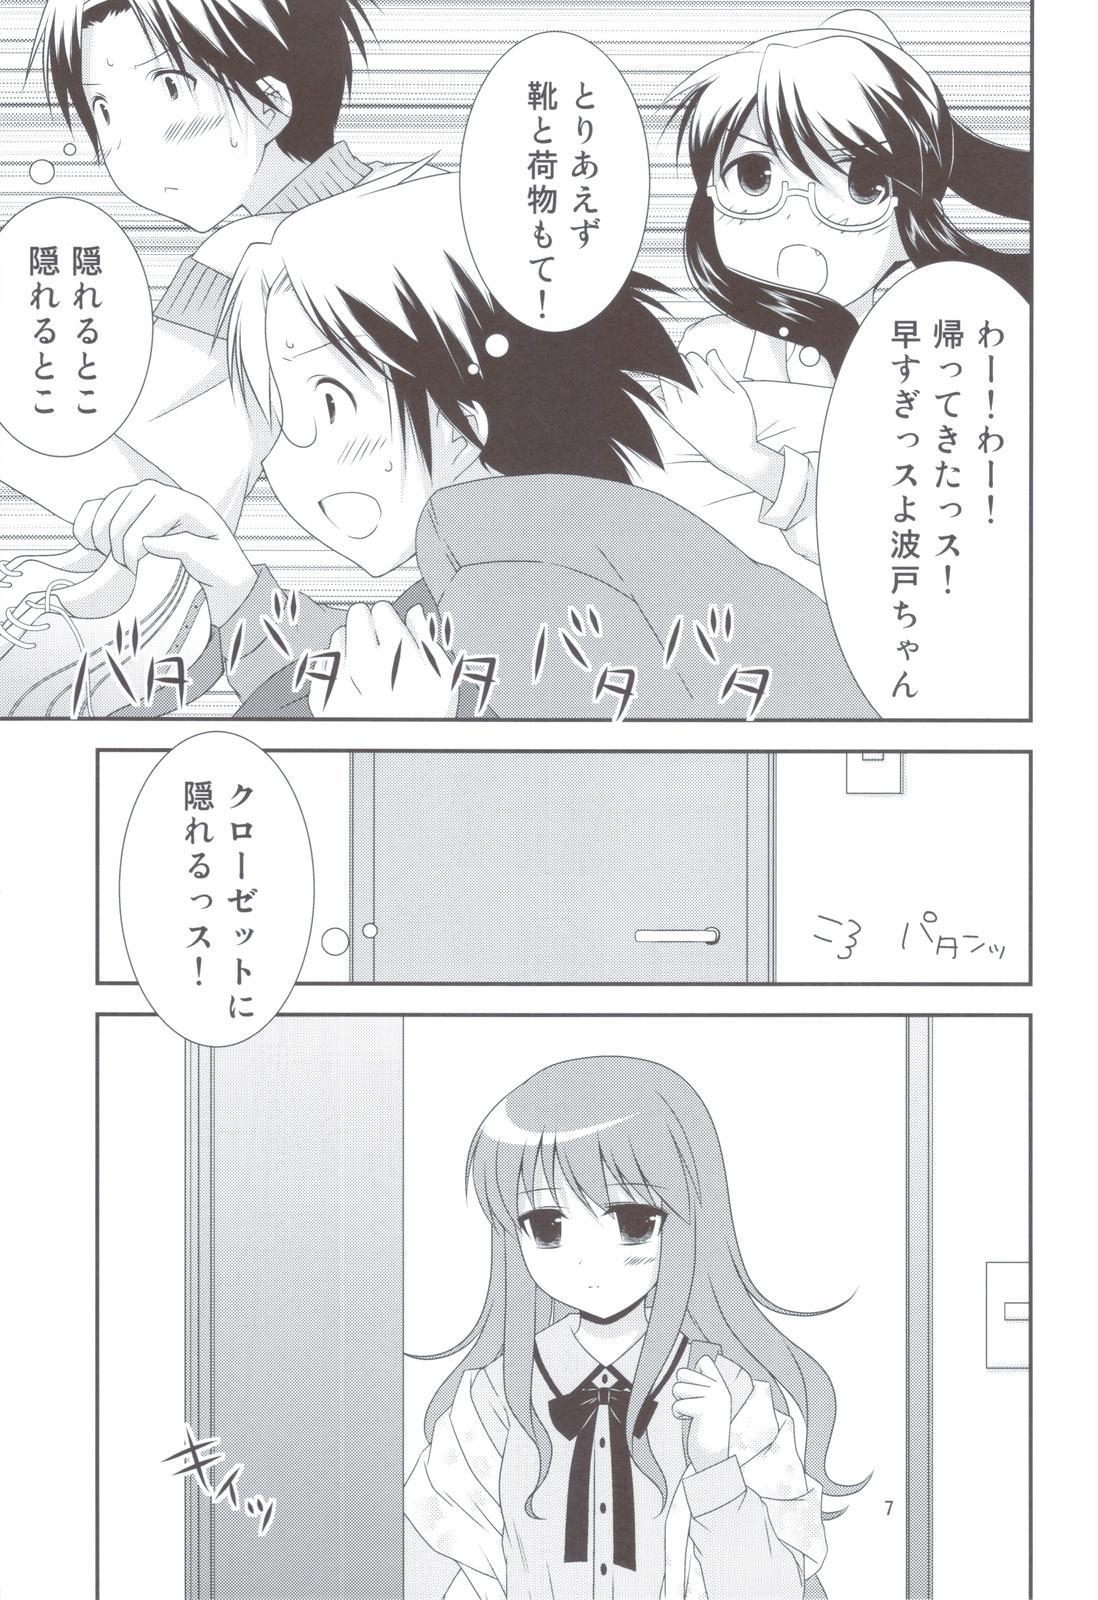 Bikun Bikun Hato-kun 5